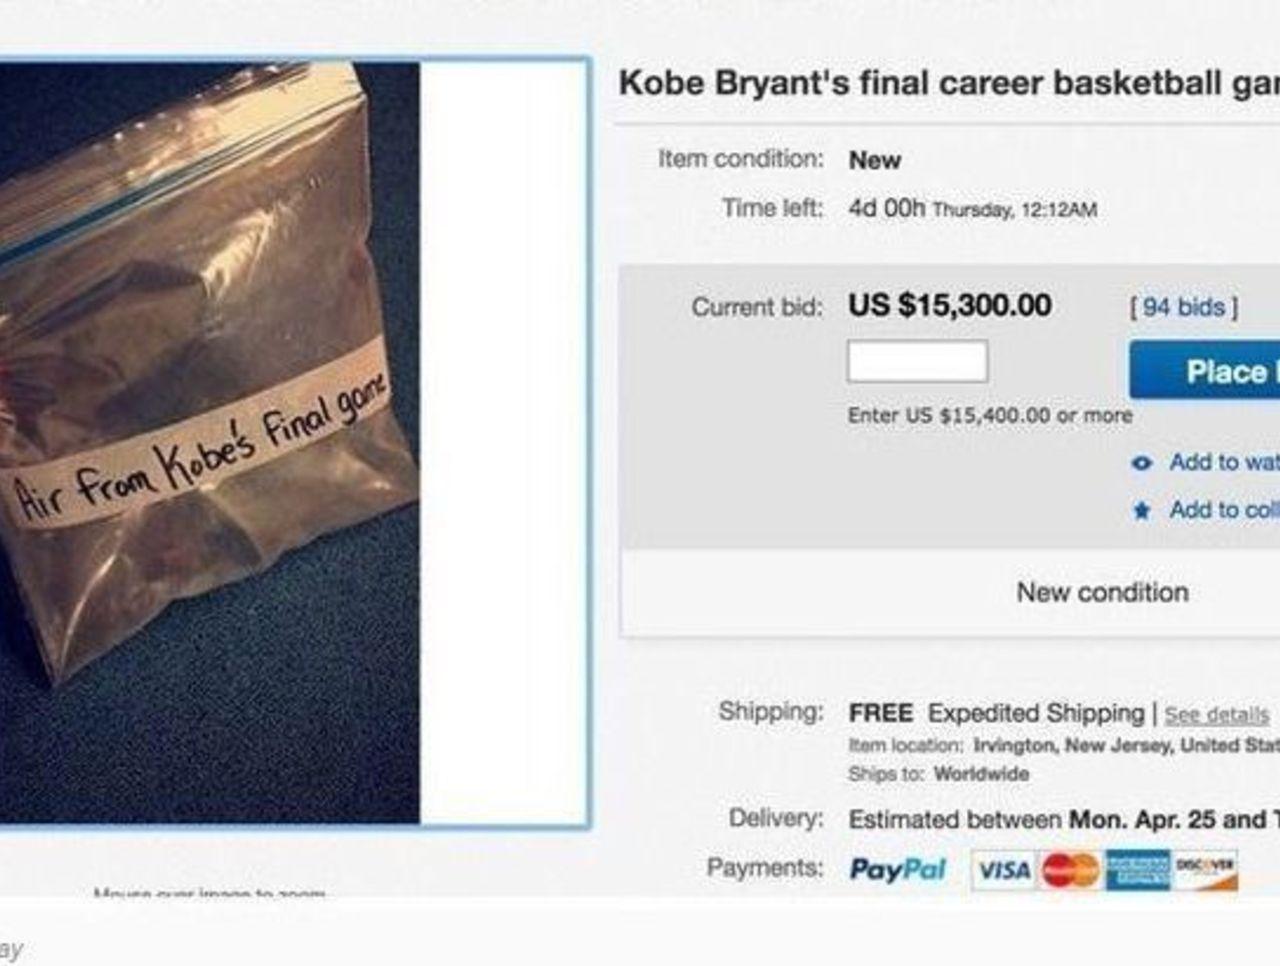 Subastan aire del último partido de Kobe en ebay y se vende en mas de 16o000 dolares